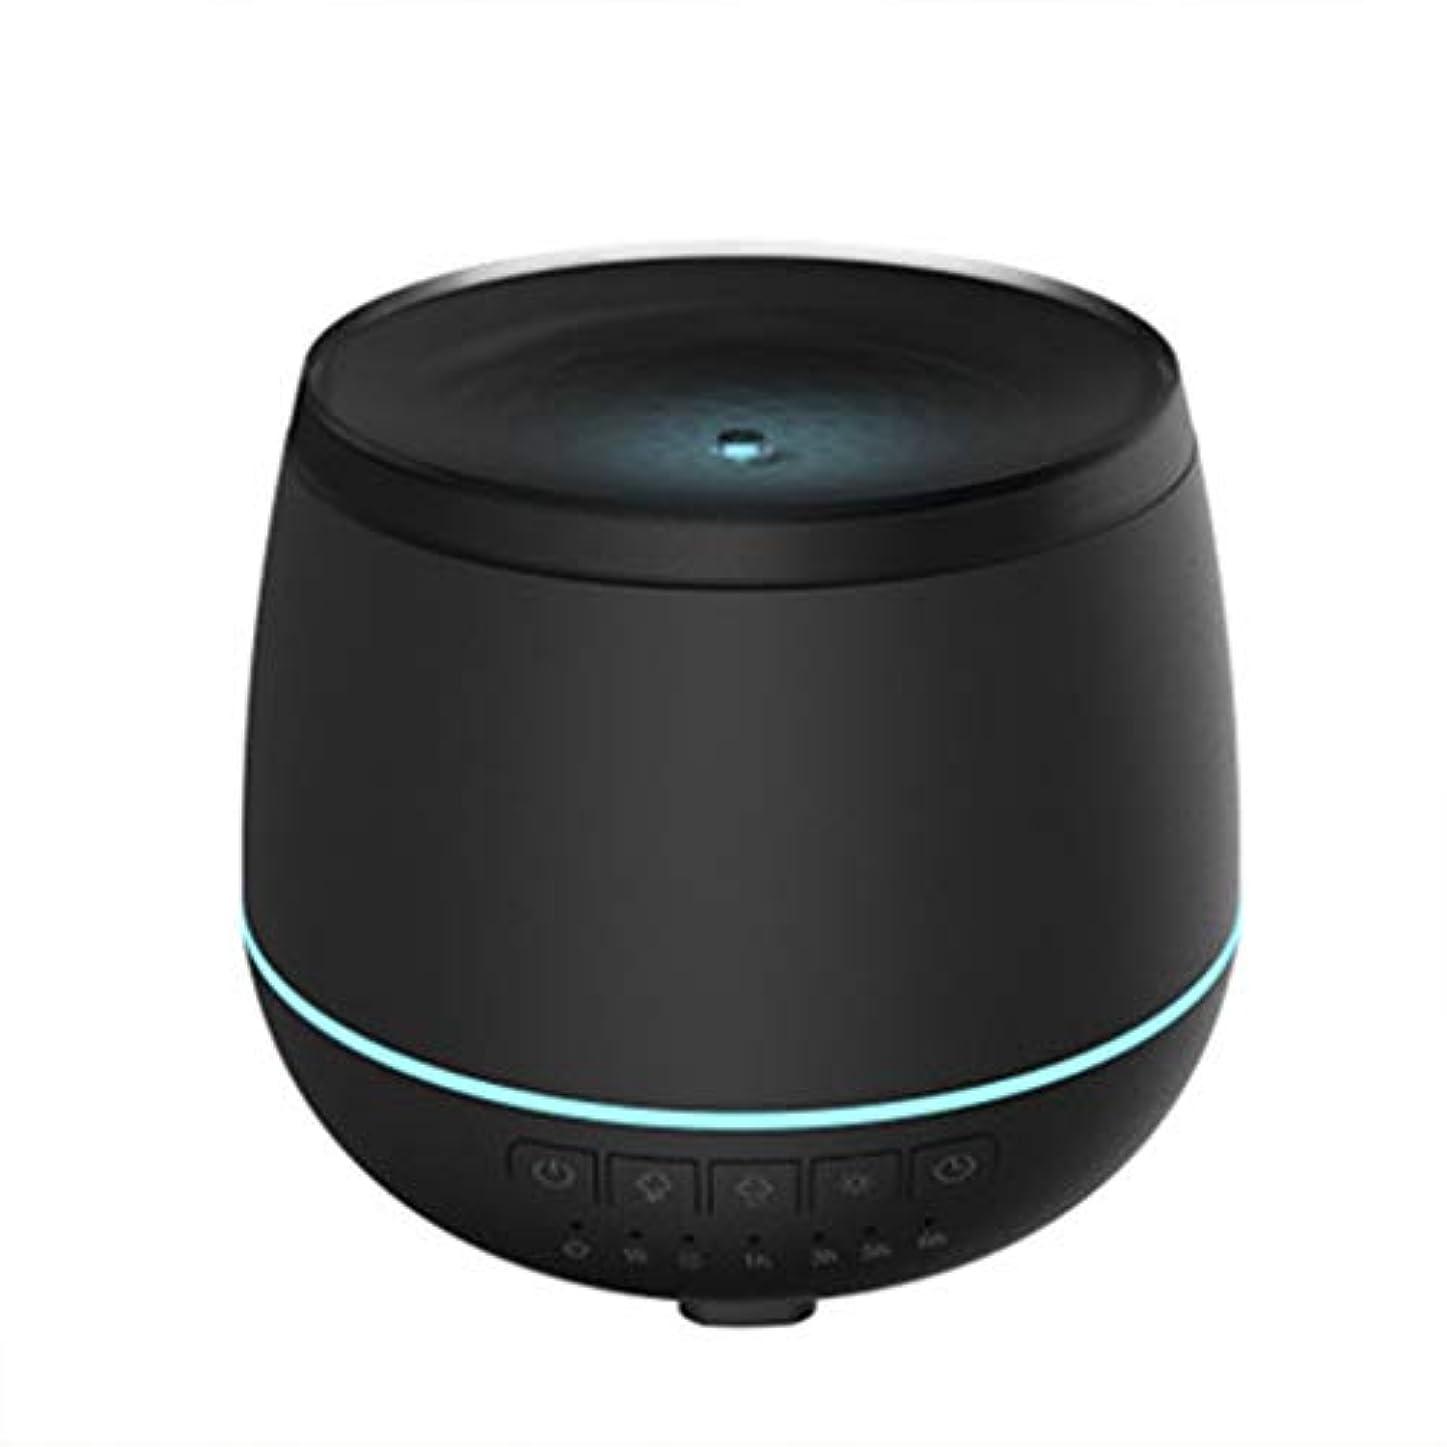 割り当てます振る新しい意味加湿器スマートブルートゥーススピーカーオーディオ超音波炉エッセンシャルオイルナイトライトミュートホームオフィス (Color : Black)